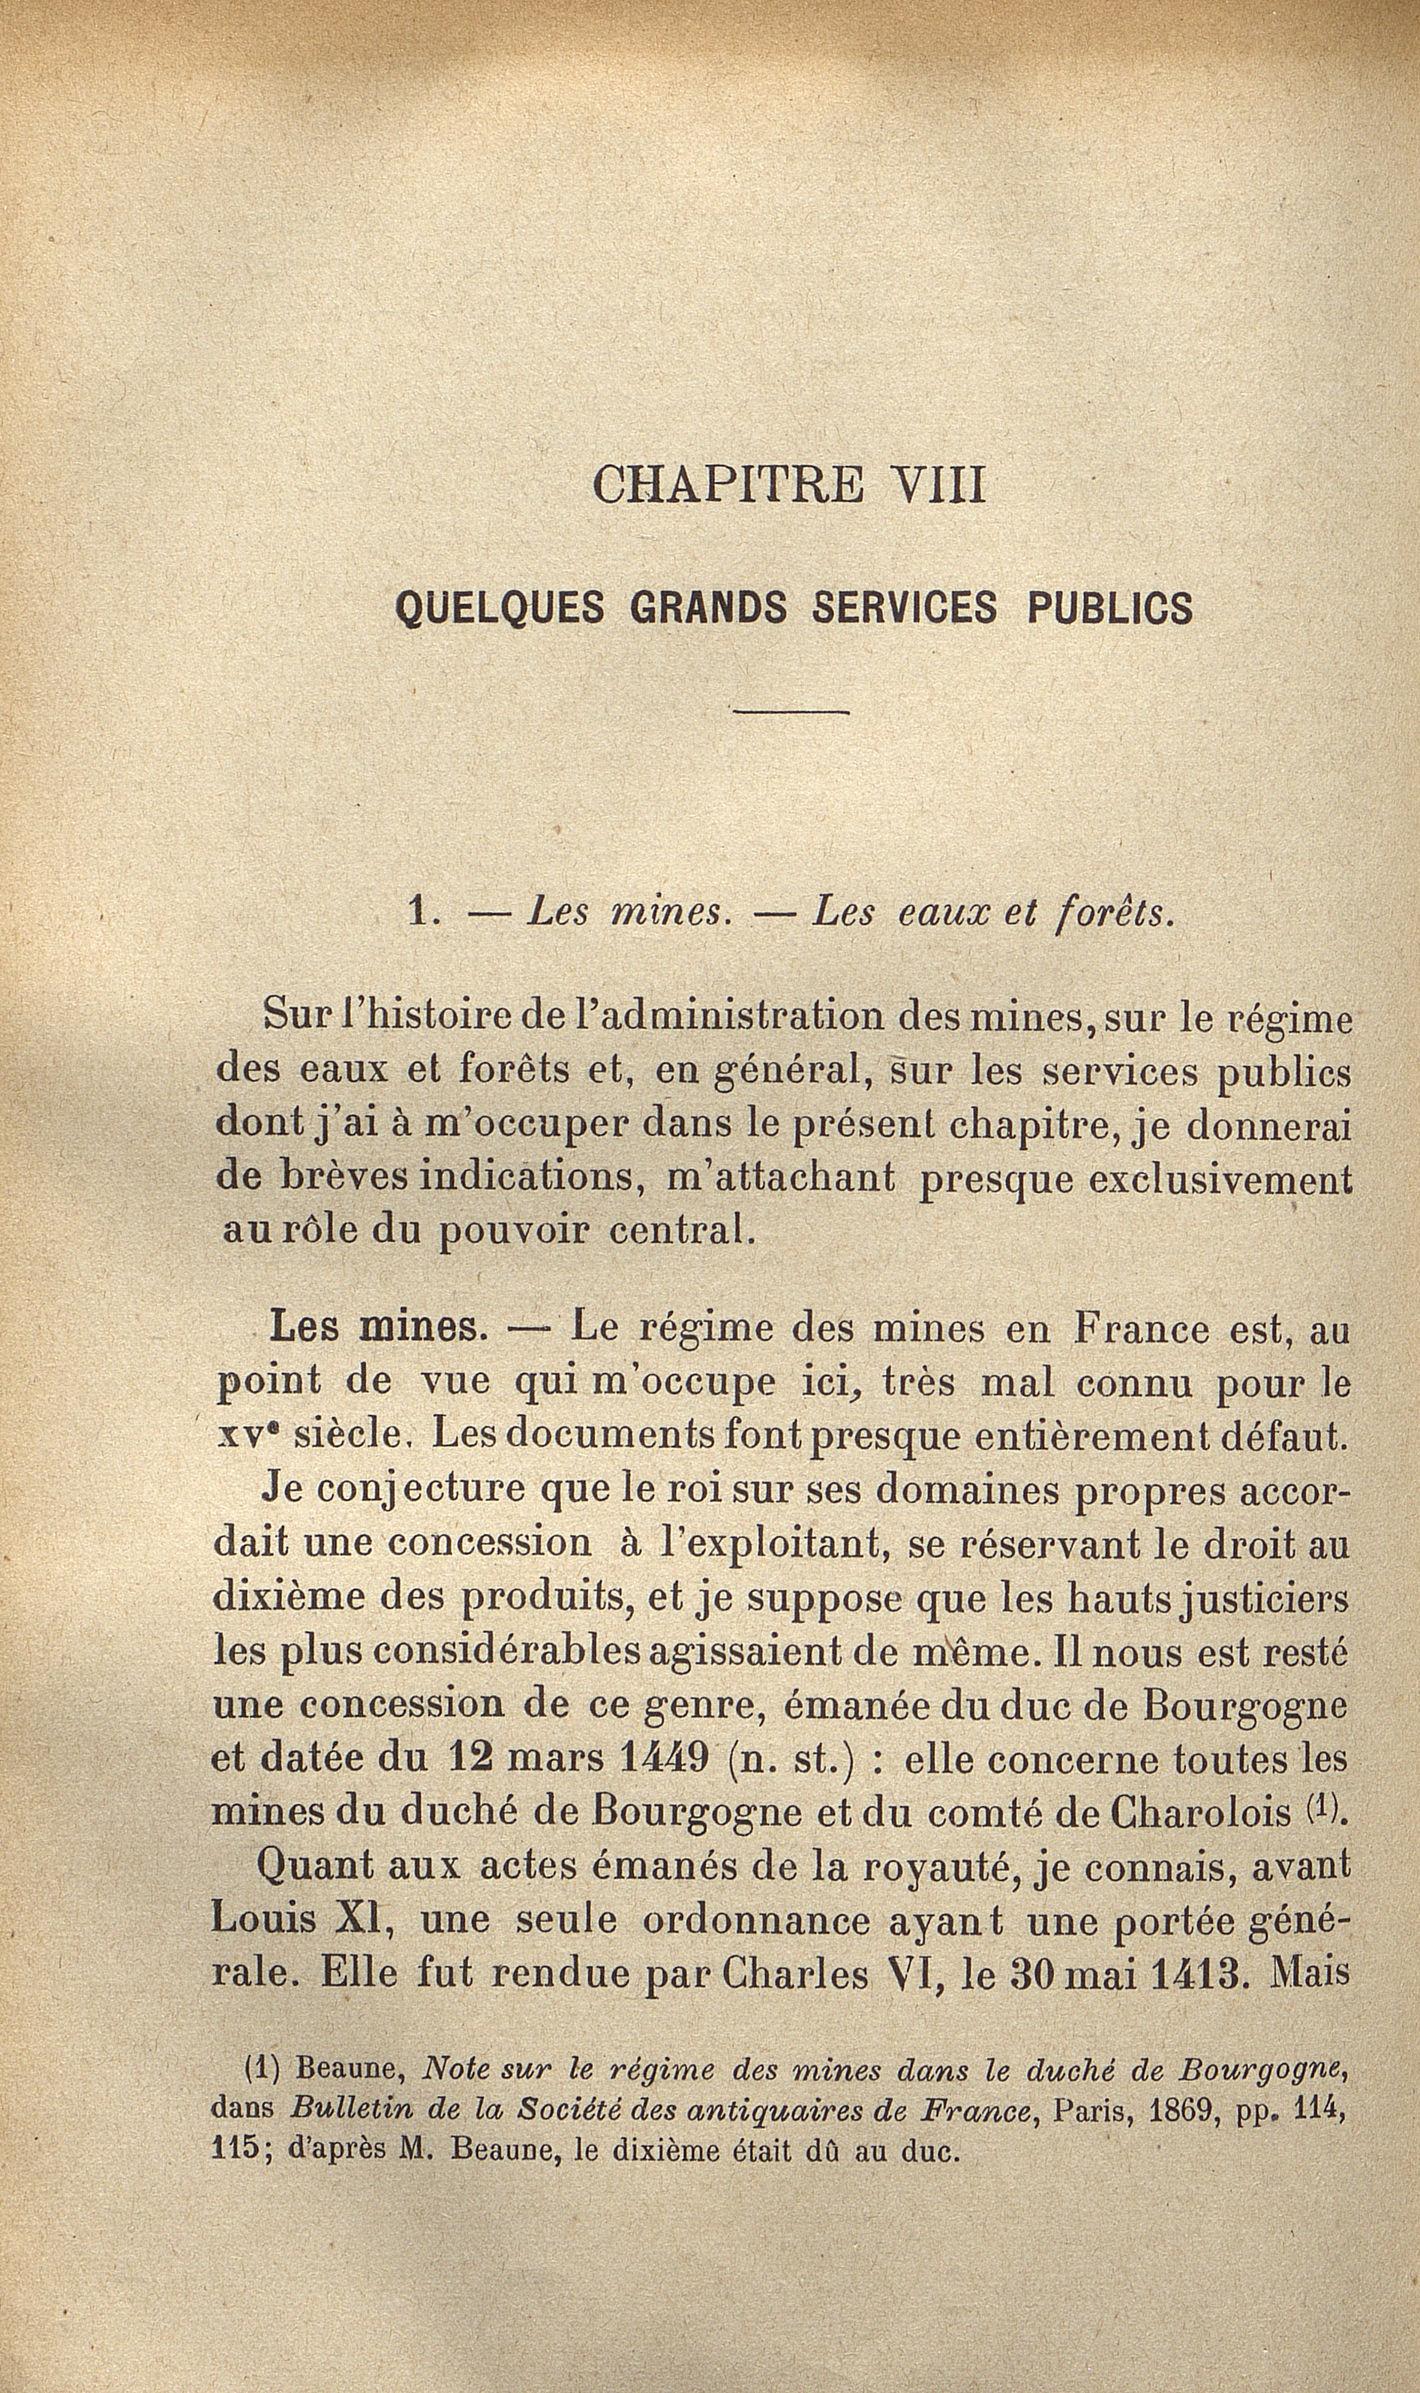 http://expo-paulviollet.univ-paris1.fr/wp-content/uploads/2016/02/0605381272_0476.jpg